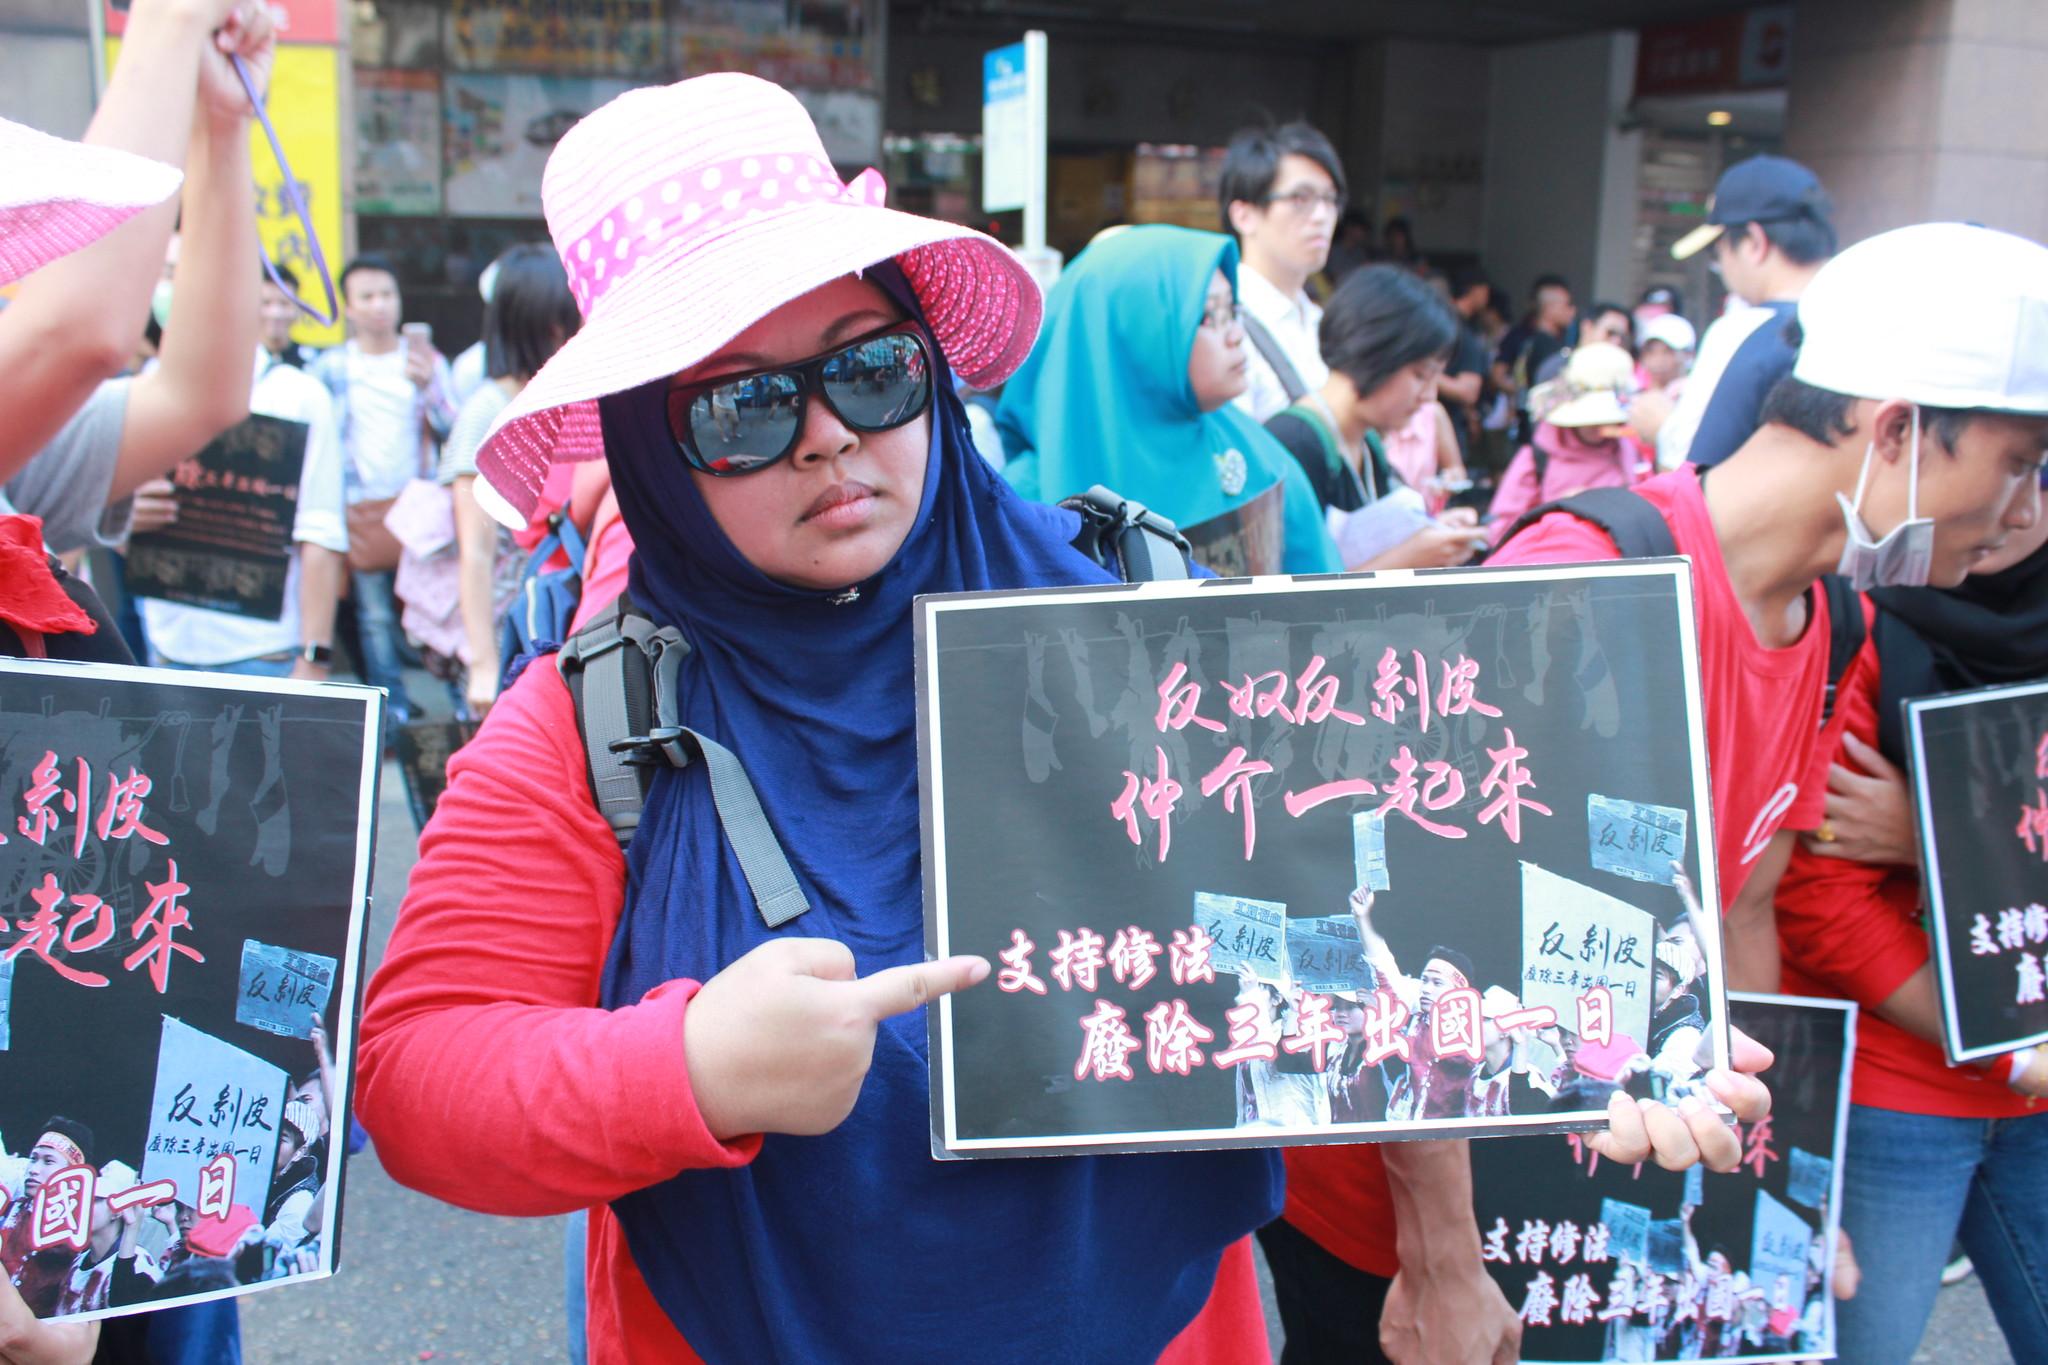 反仲介「剝皮」 移工遊行籲廢三年出國一日 | 苦勞網